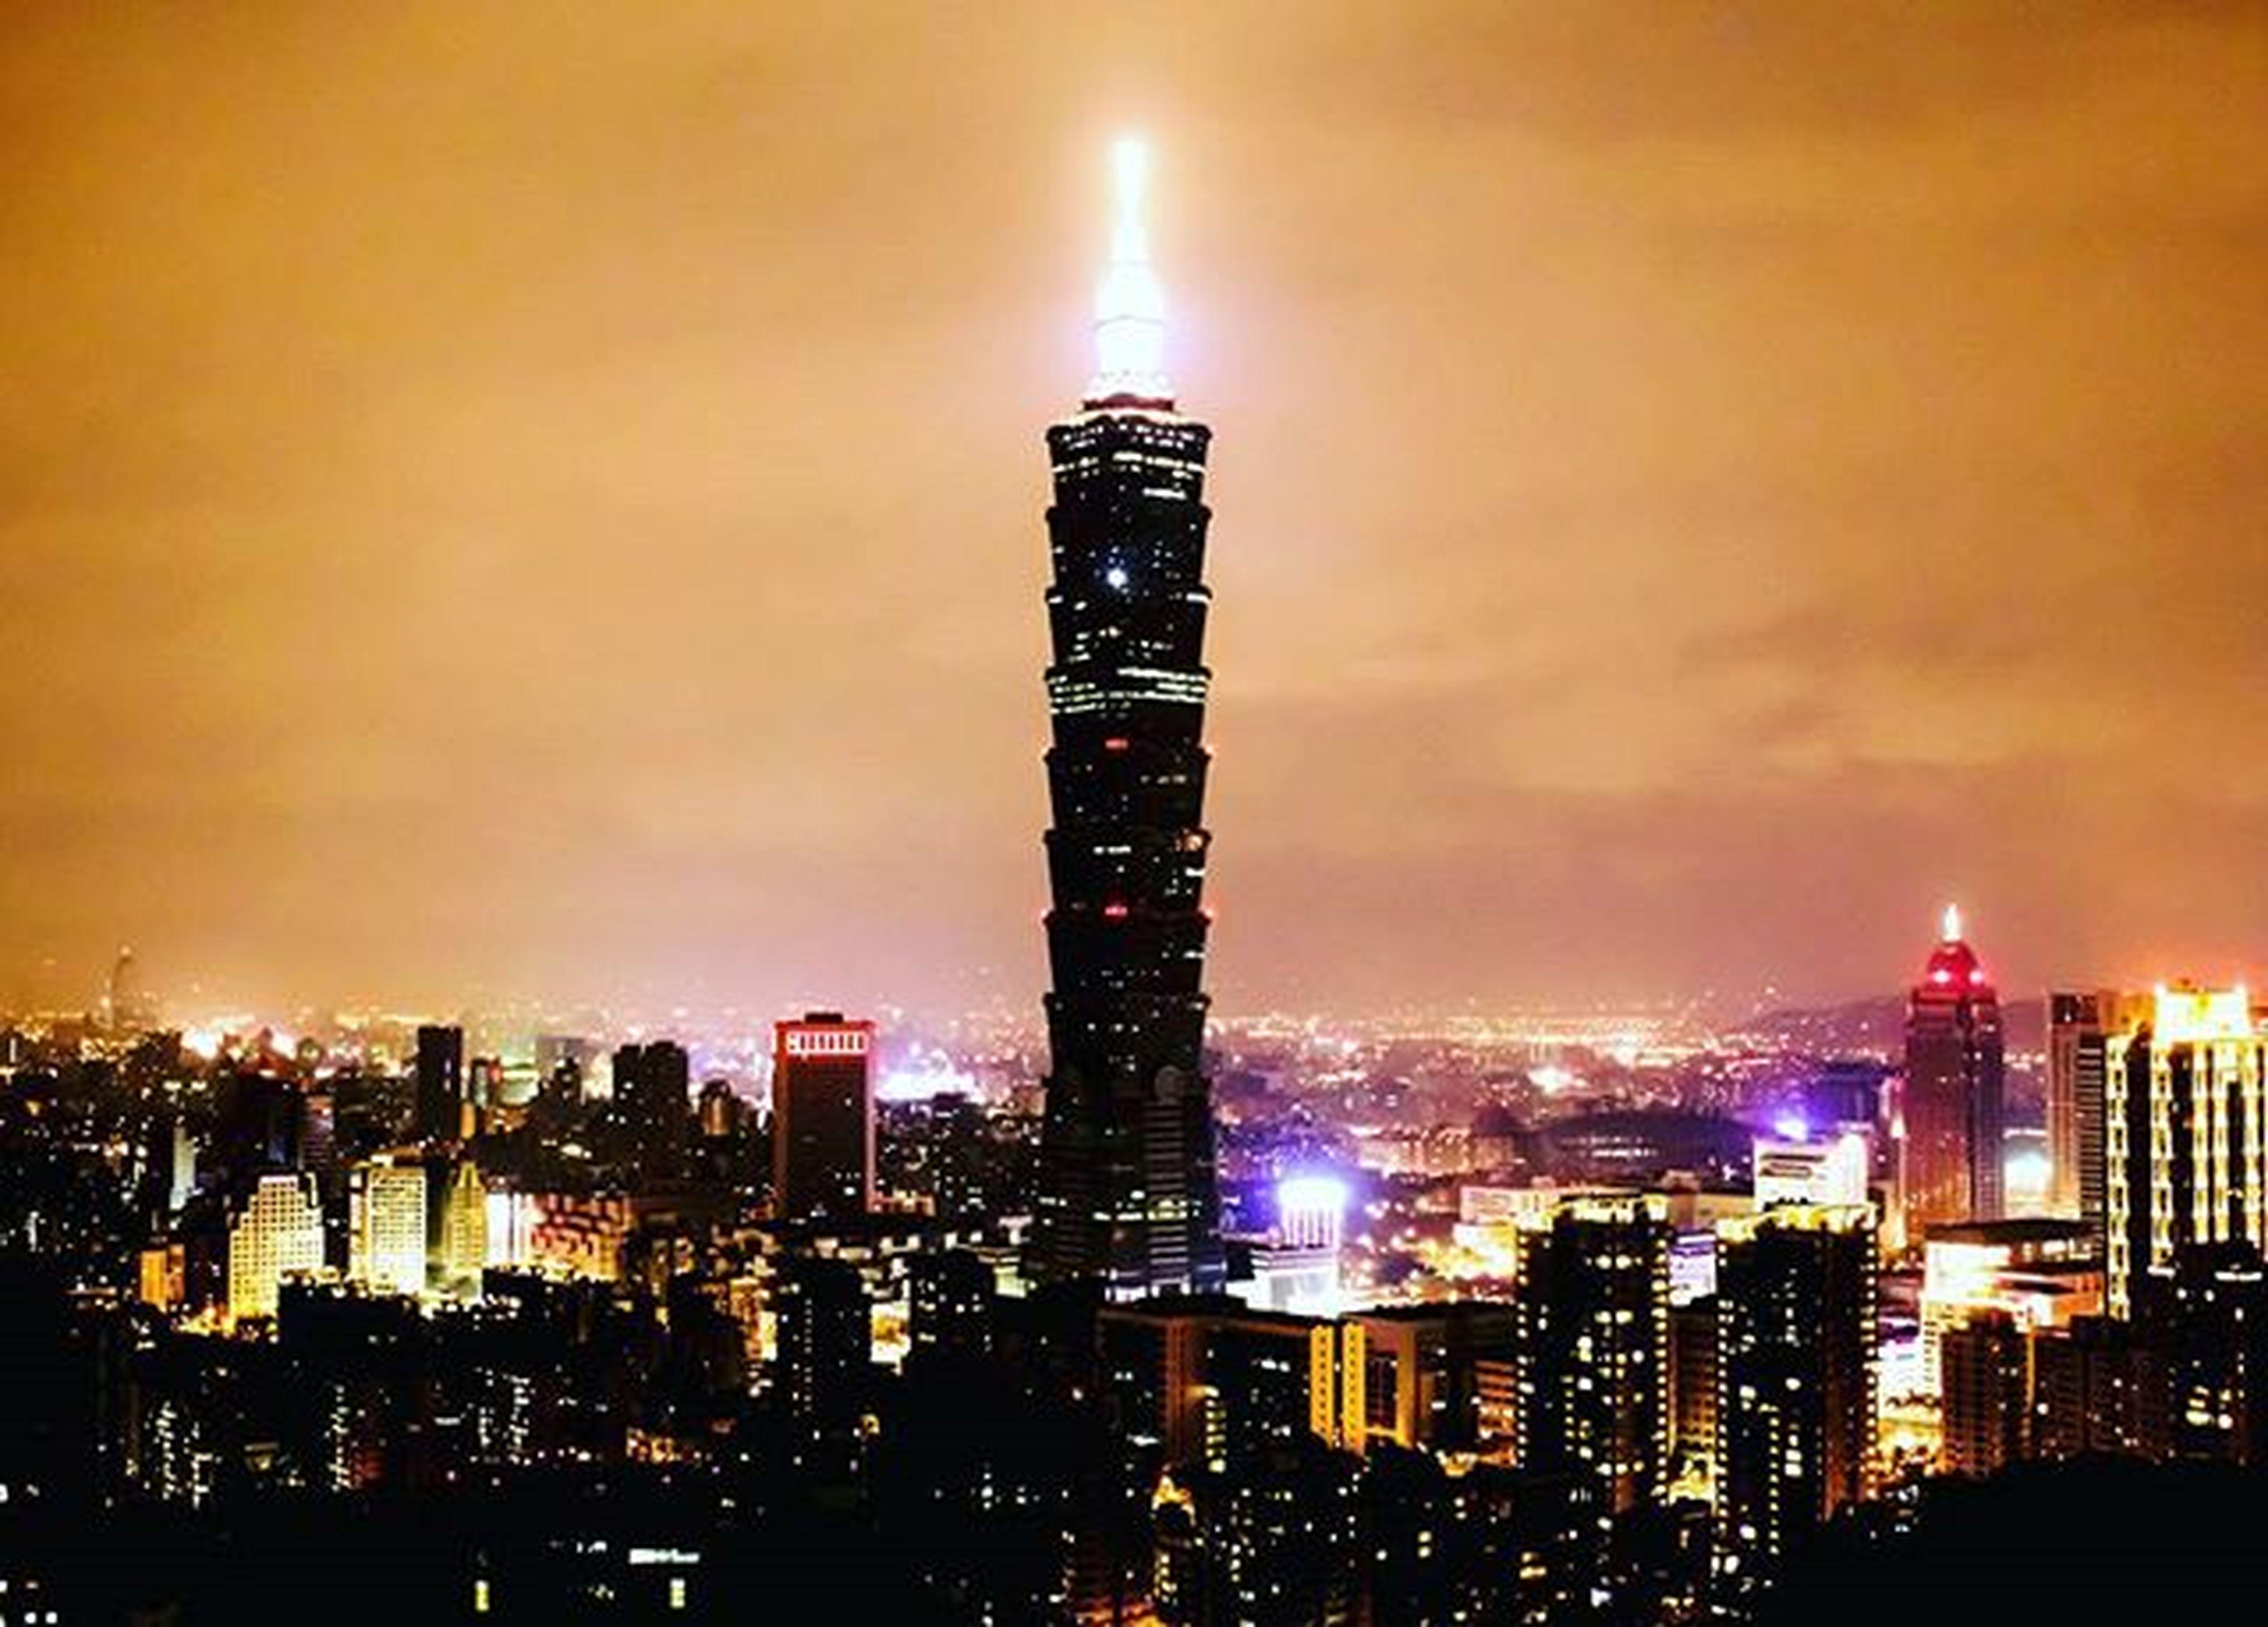 🌃 힘들게 올라가려고 하기 보다는, 그냥 바라보는 게 더 좋을 때도 있다. 대만 야경 타이베이 타이페이 Taipei Taiwan 타이페이101 타이베이101 Taipei101 샹산 샹산야경 대만야경 샹산전망대 Xiangshan 빈카메라 Bincamera